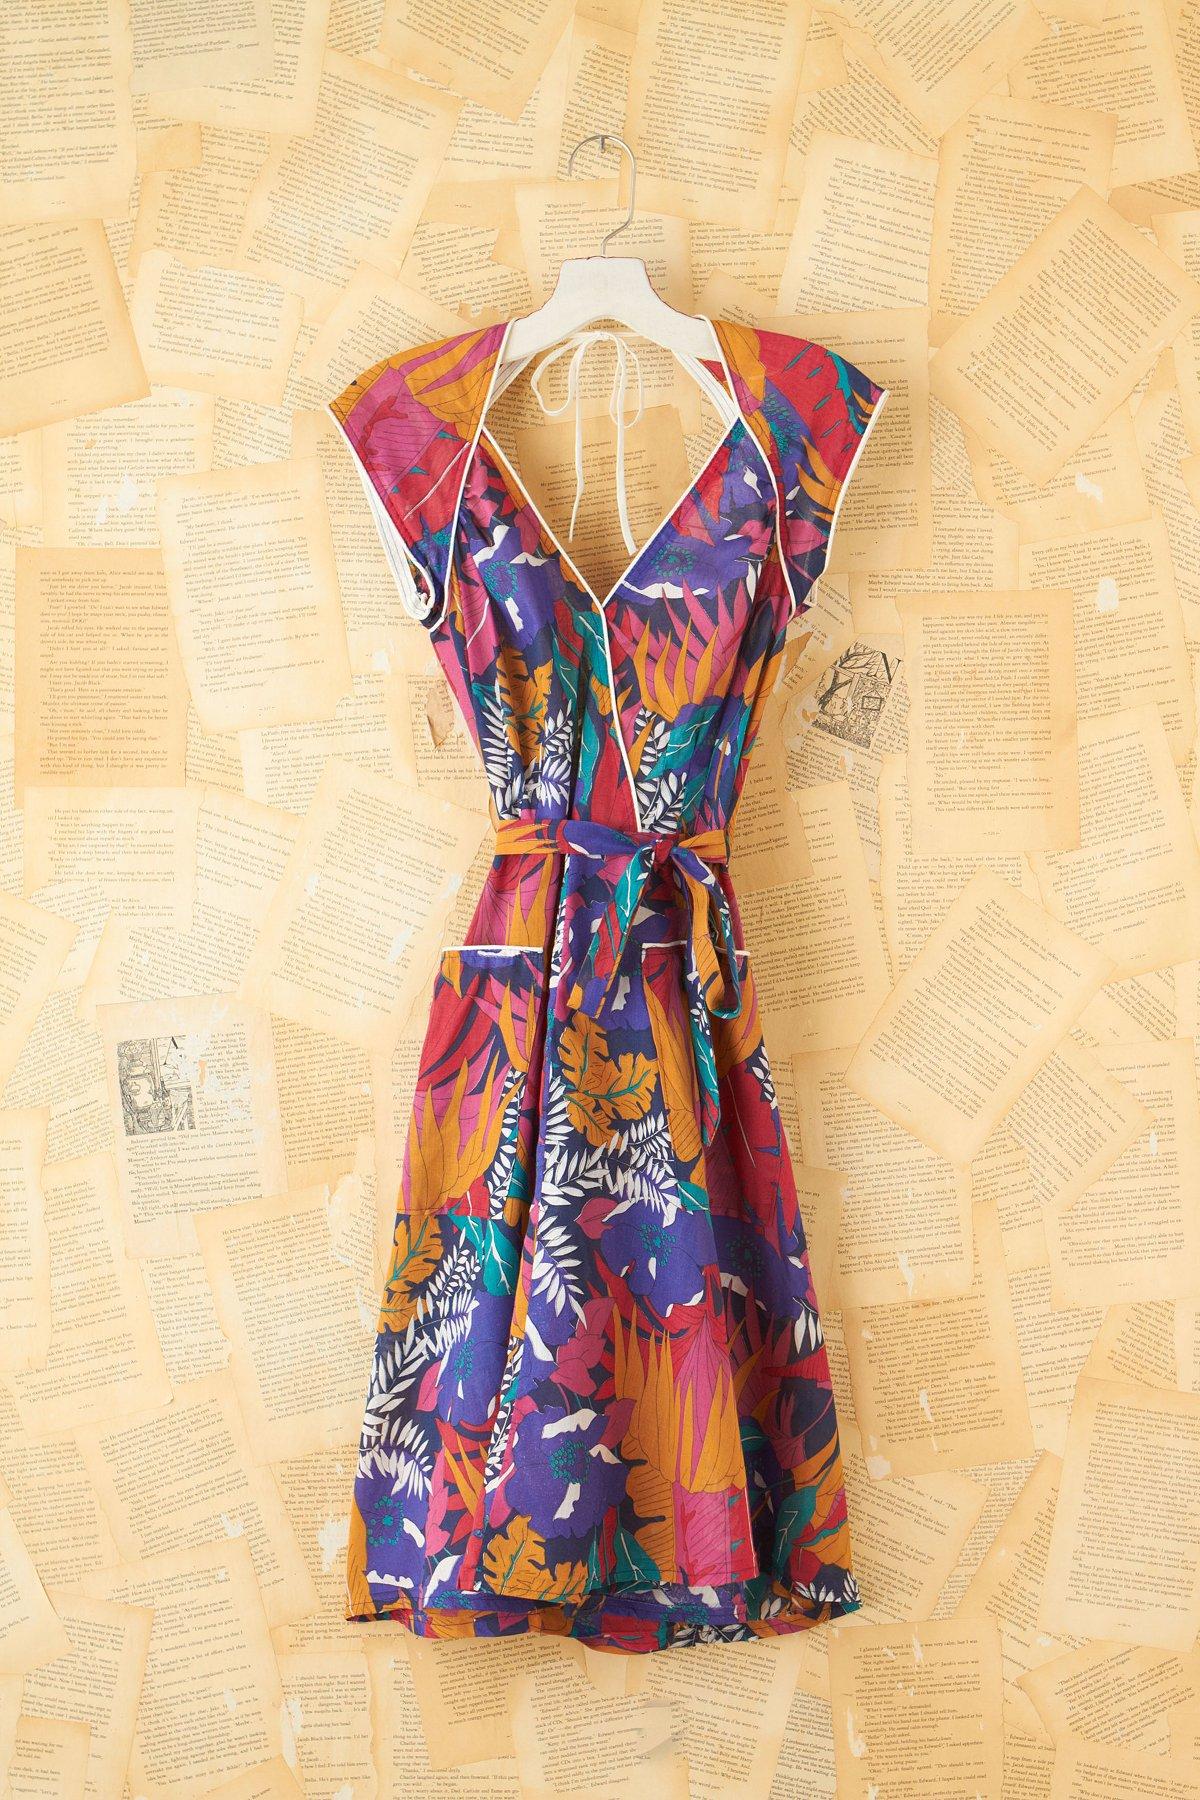 Vintage Patterned Wrap Dress